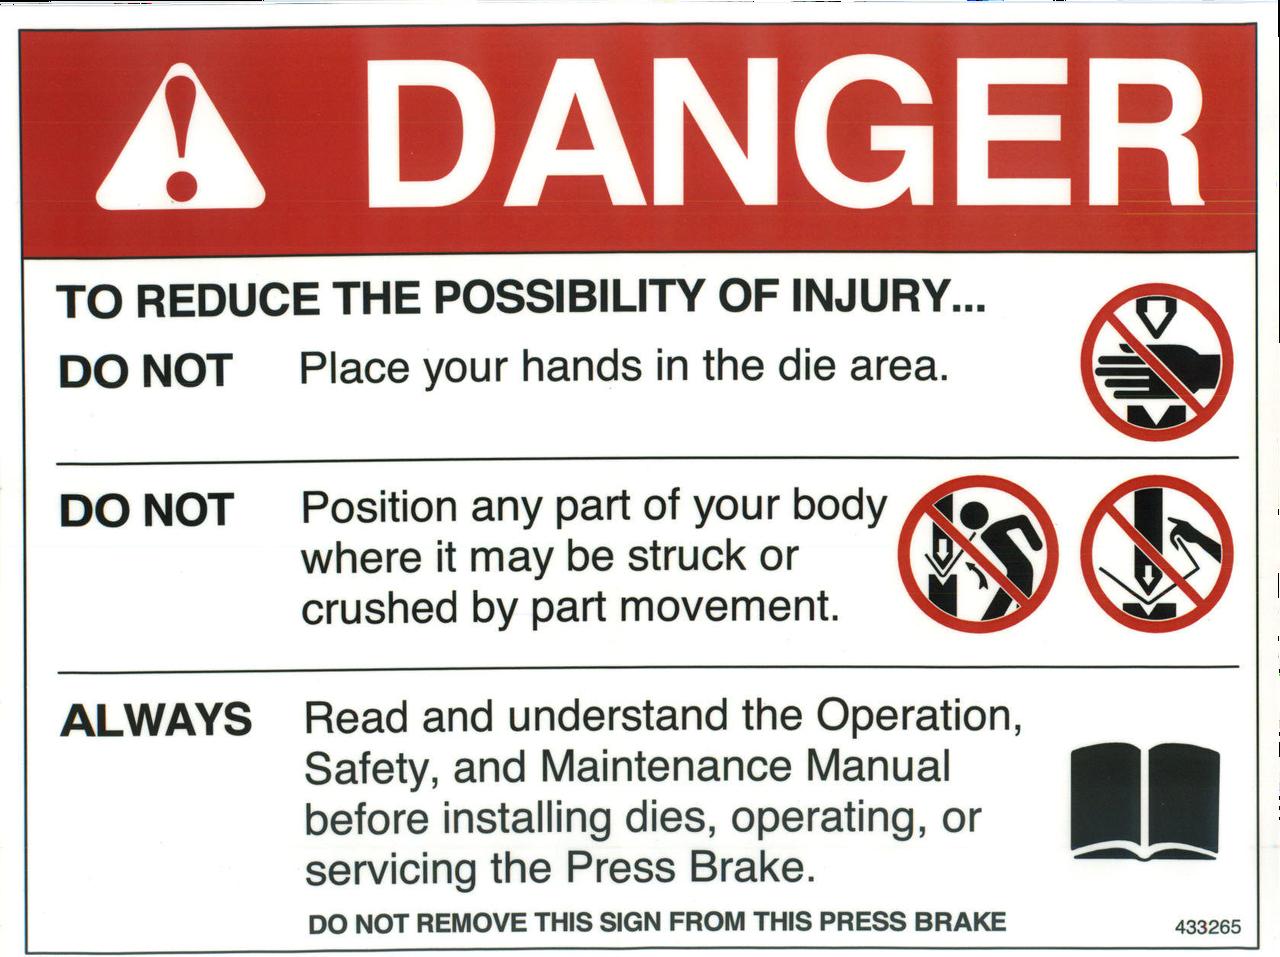 Danger 433265